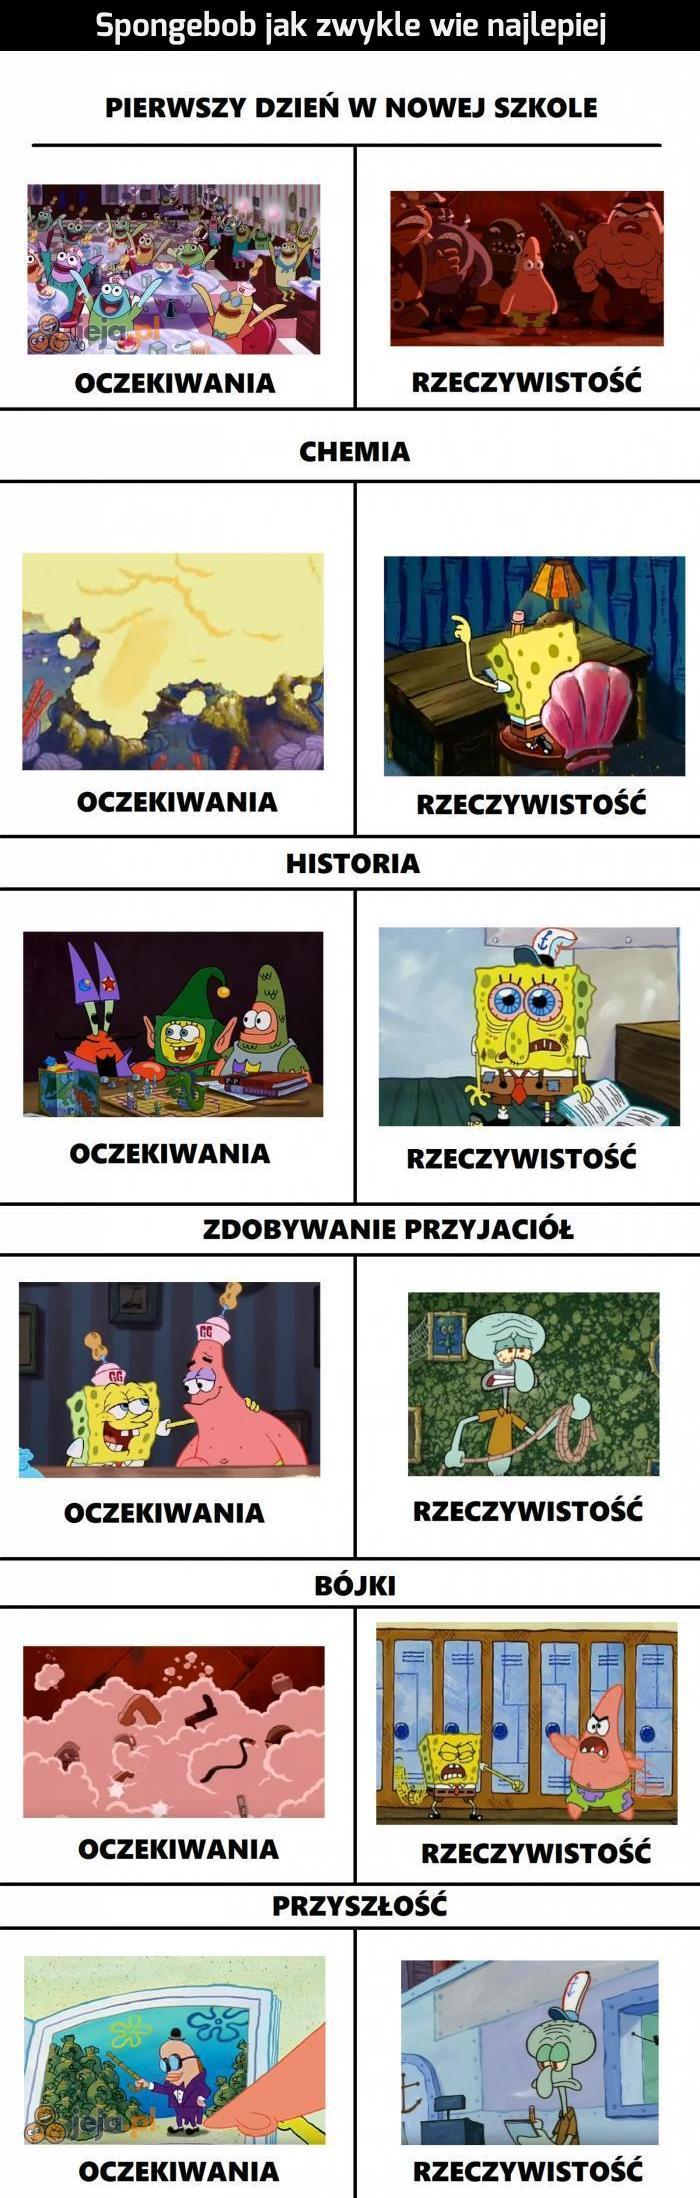 Szkoła ze Spongebobem